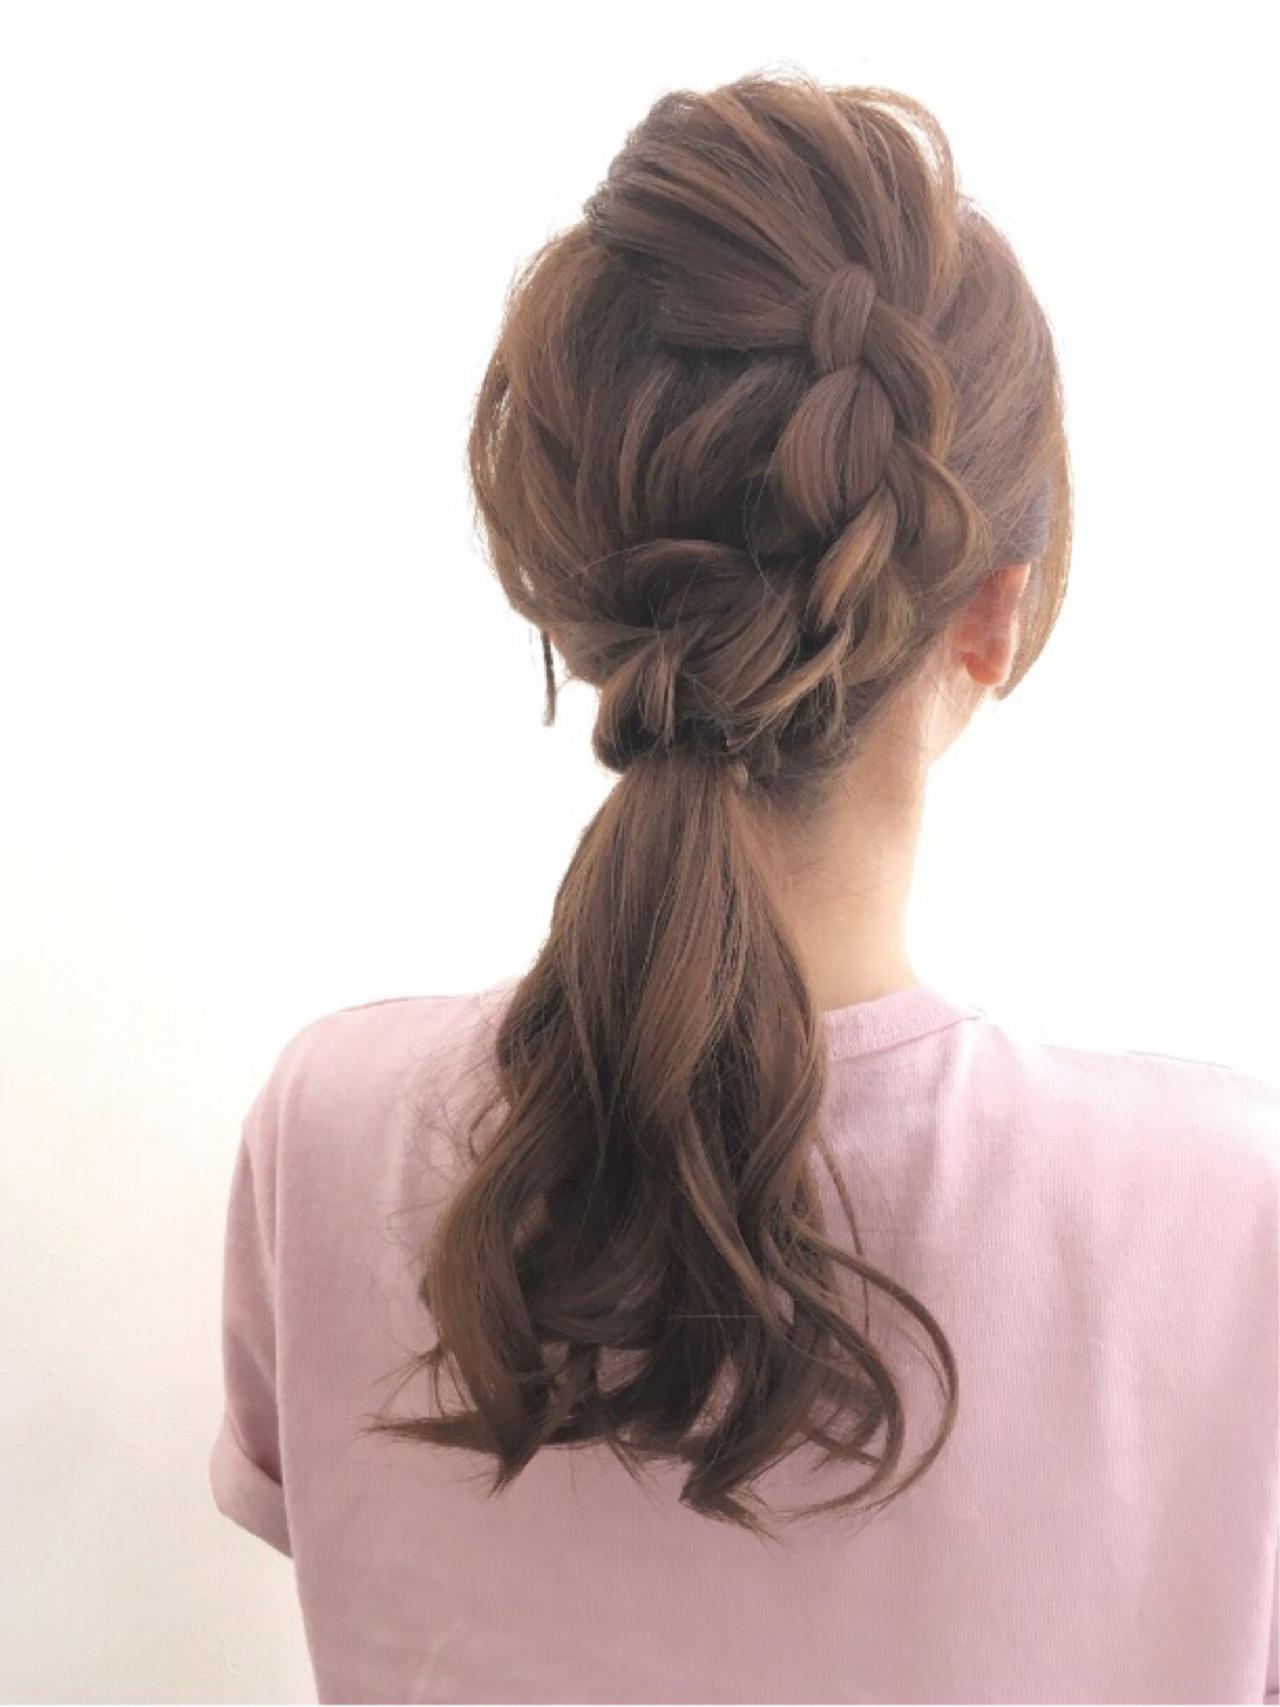 ポニーテール ゆるふわ ロング 編み込み ヘアスタイルや髪型の写真・画像 | 桑村亮太/CALIF hair store / 函館/CALIF hair store/キャリフ ヘアストア